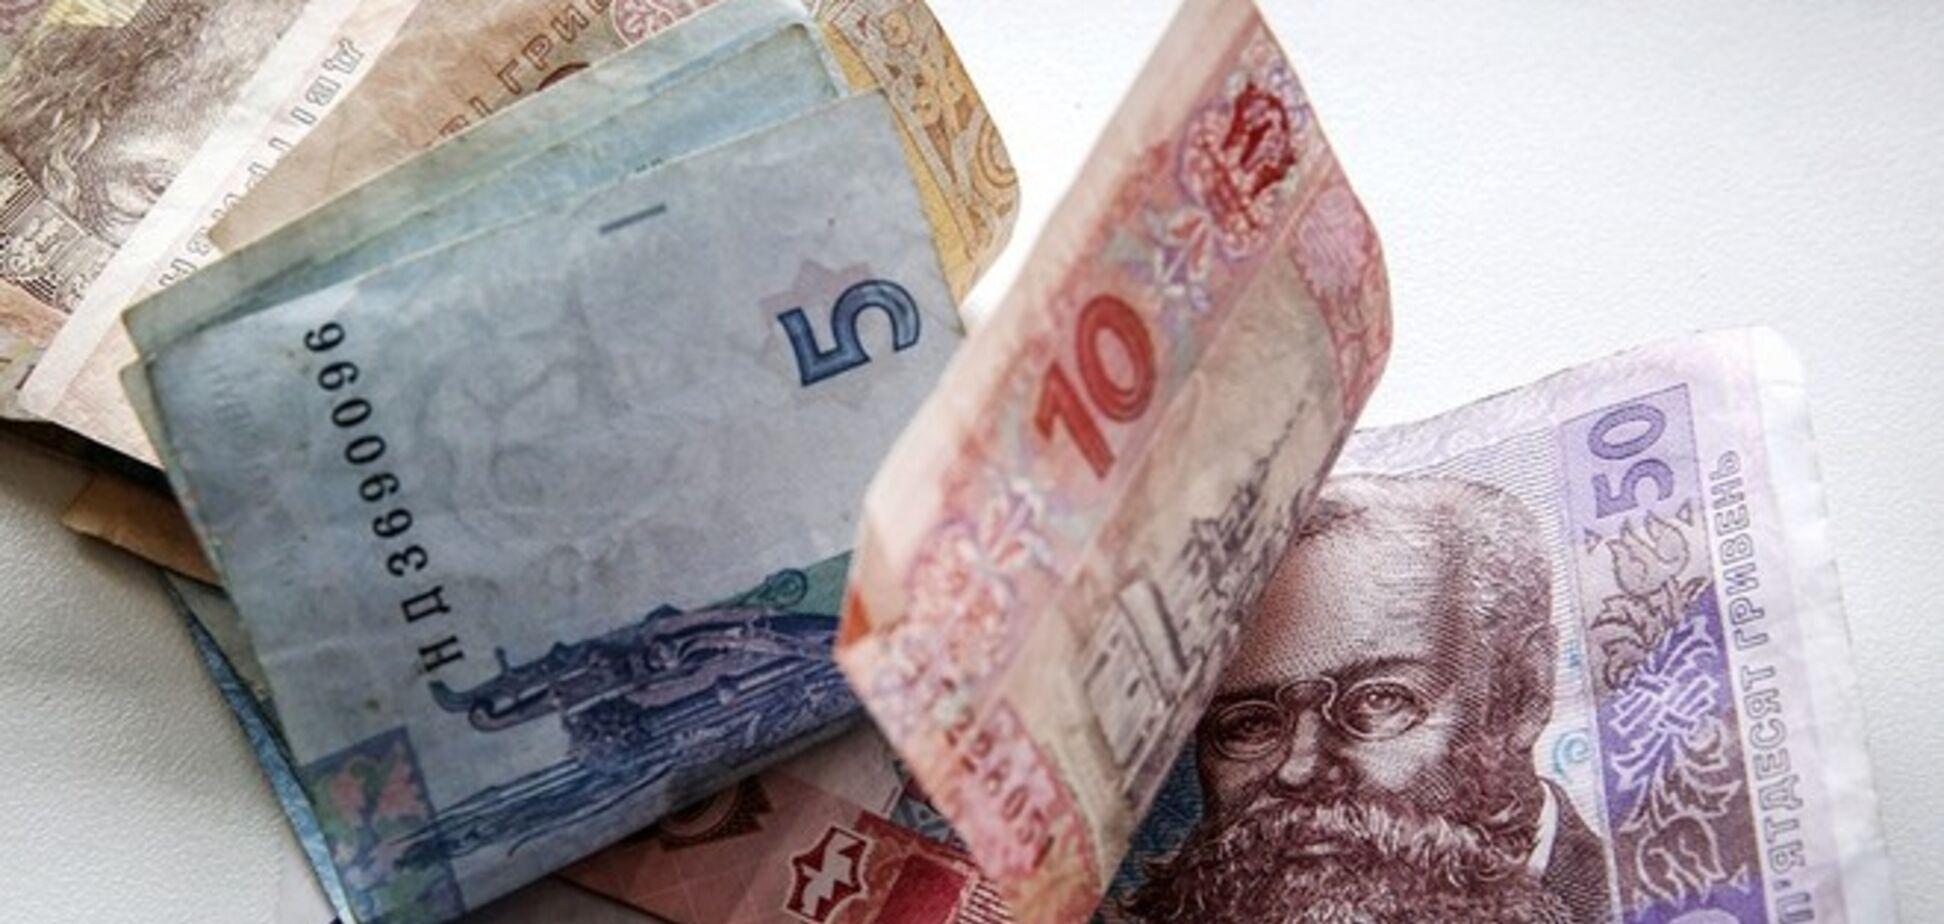 Обеспечение стабильности гривни находится под угрозой – совет НБУ